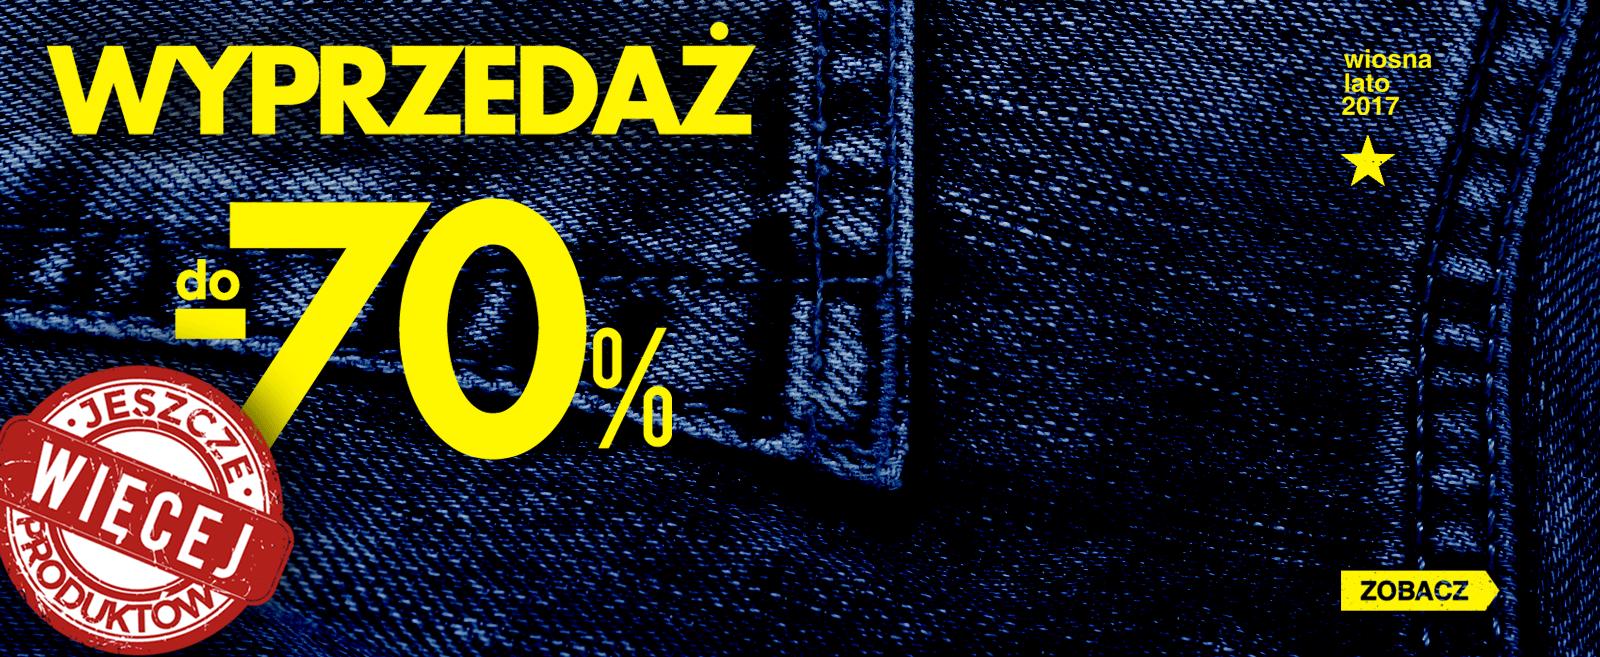 Big Star: wyprzedaż do 70% rabatu na odzież damską i męską